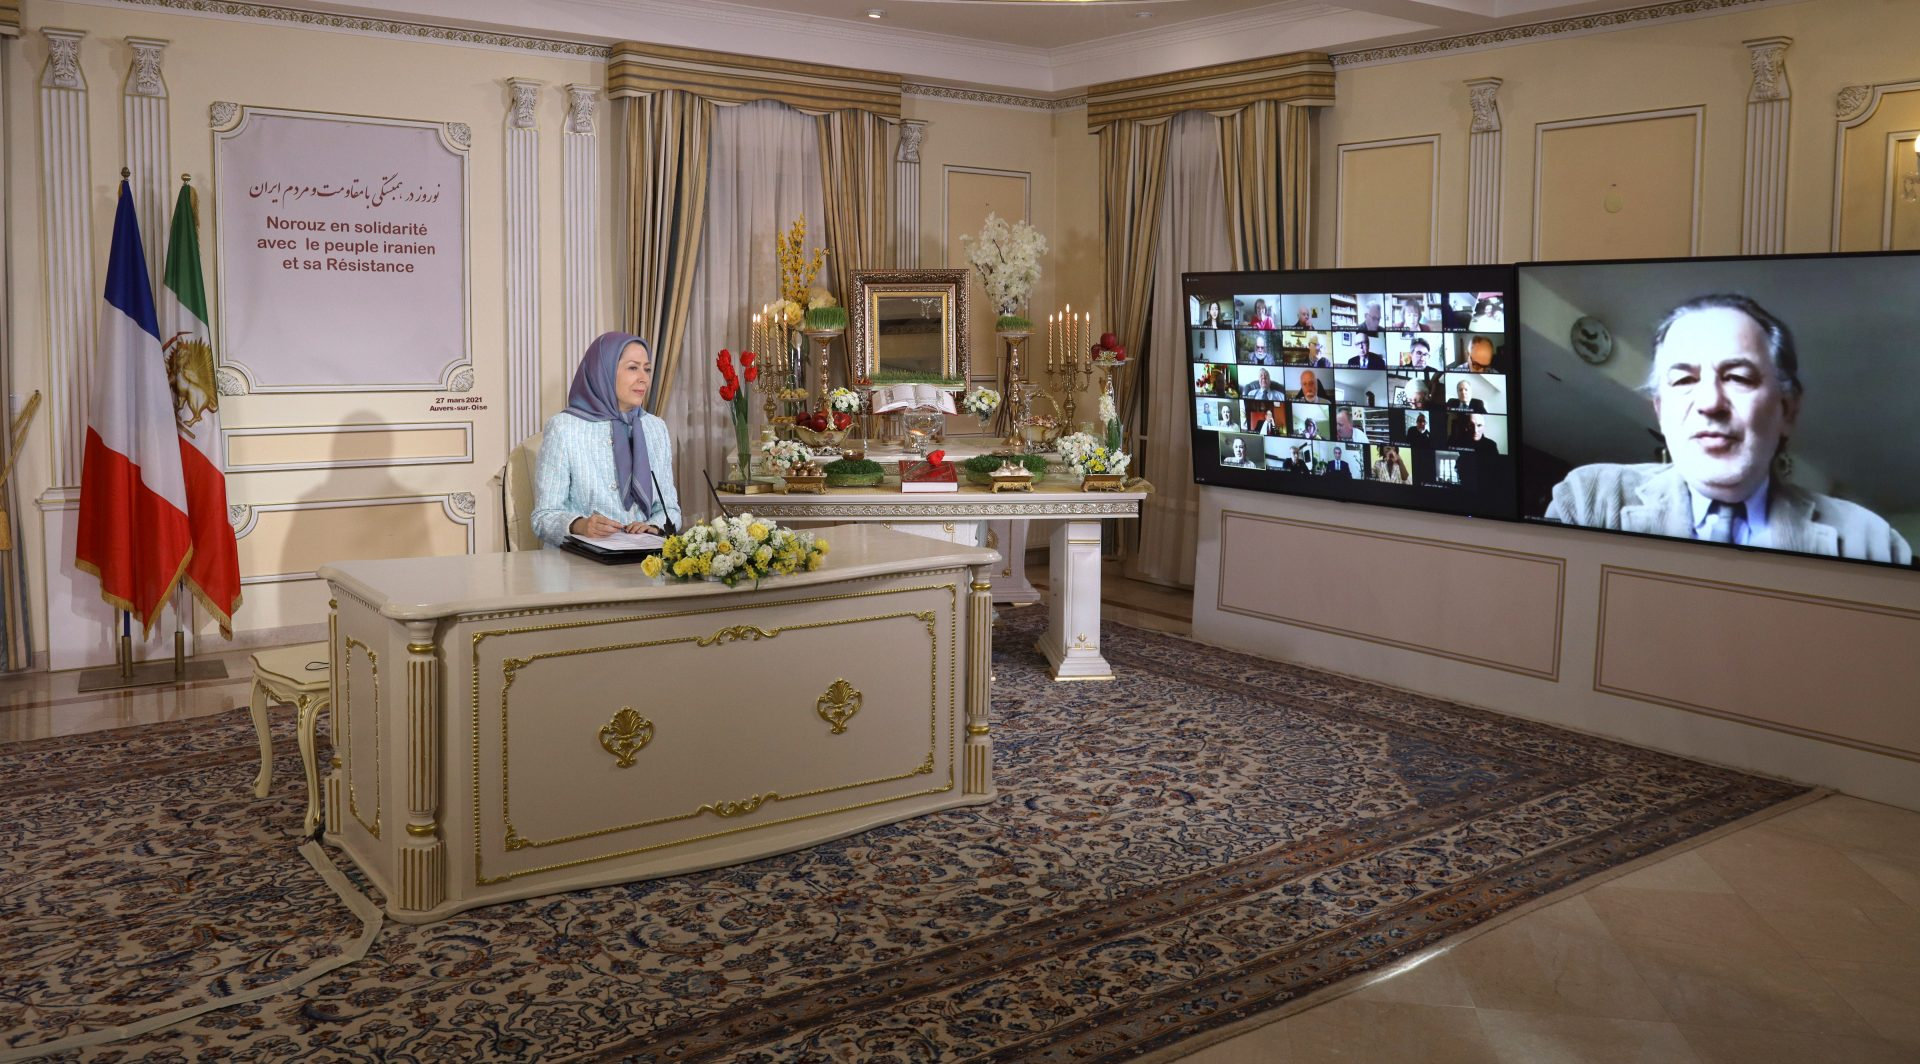 مریم رجوی: انتظار مردم ایران از اروپا، یک سیاست قاطع در قبال رژیم ایران و دفاع از حقوقبشر